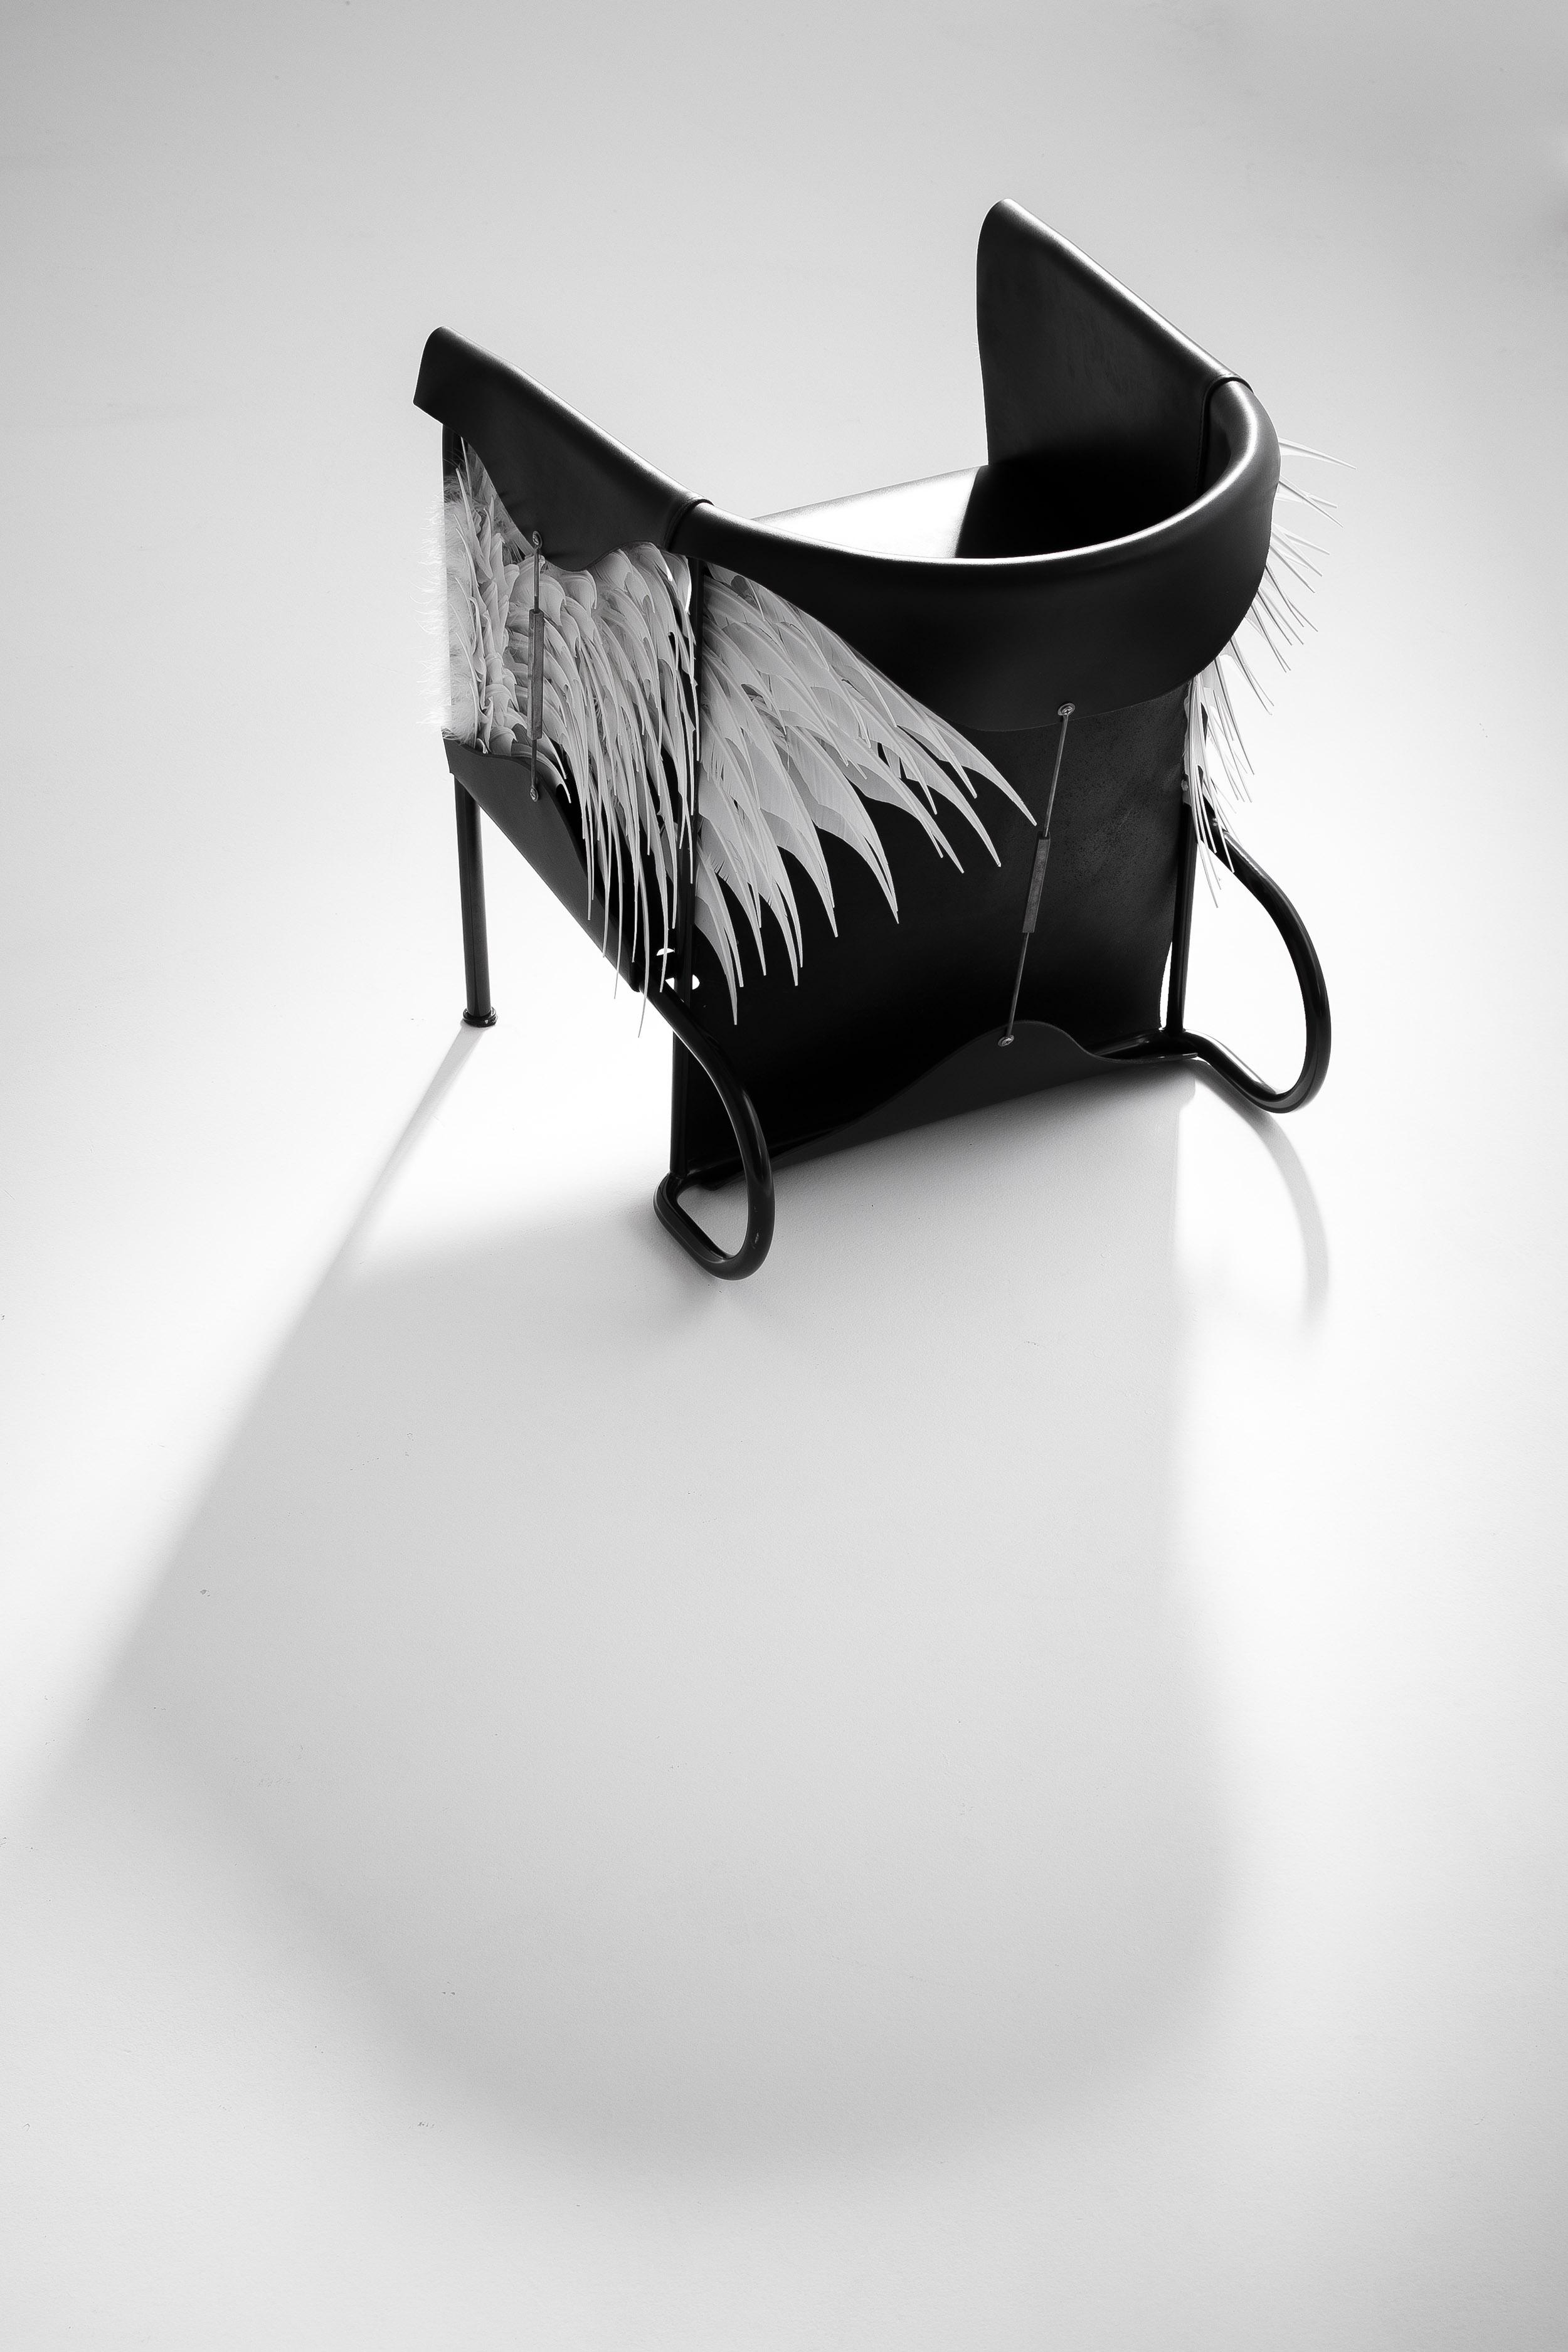 Club Lounge Chair - Accoutre N.2